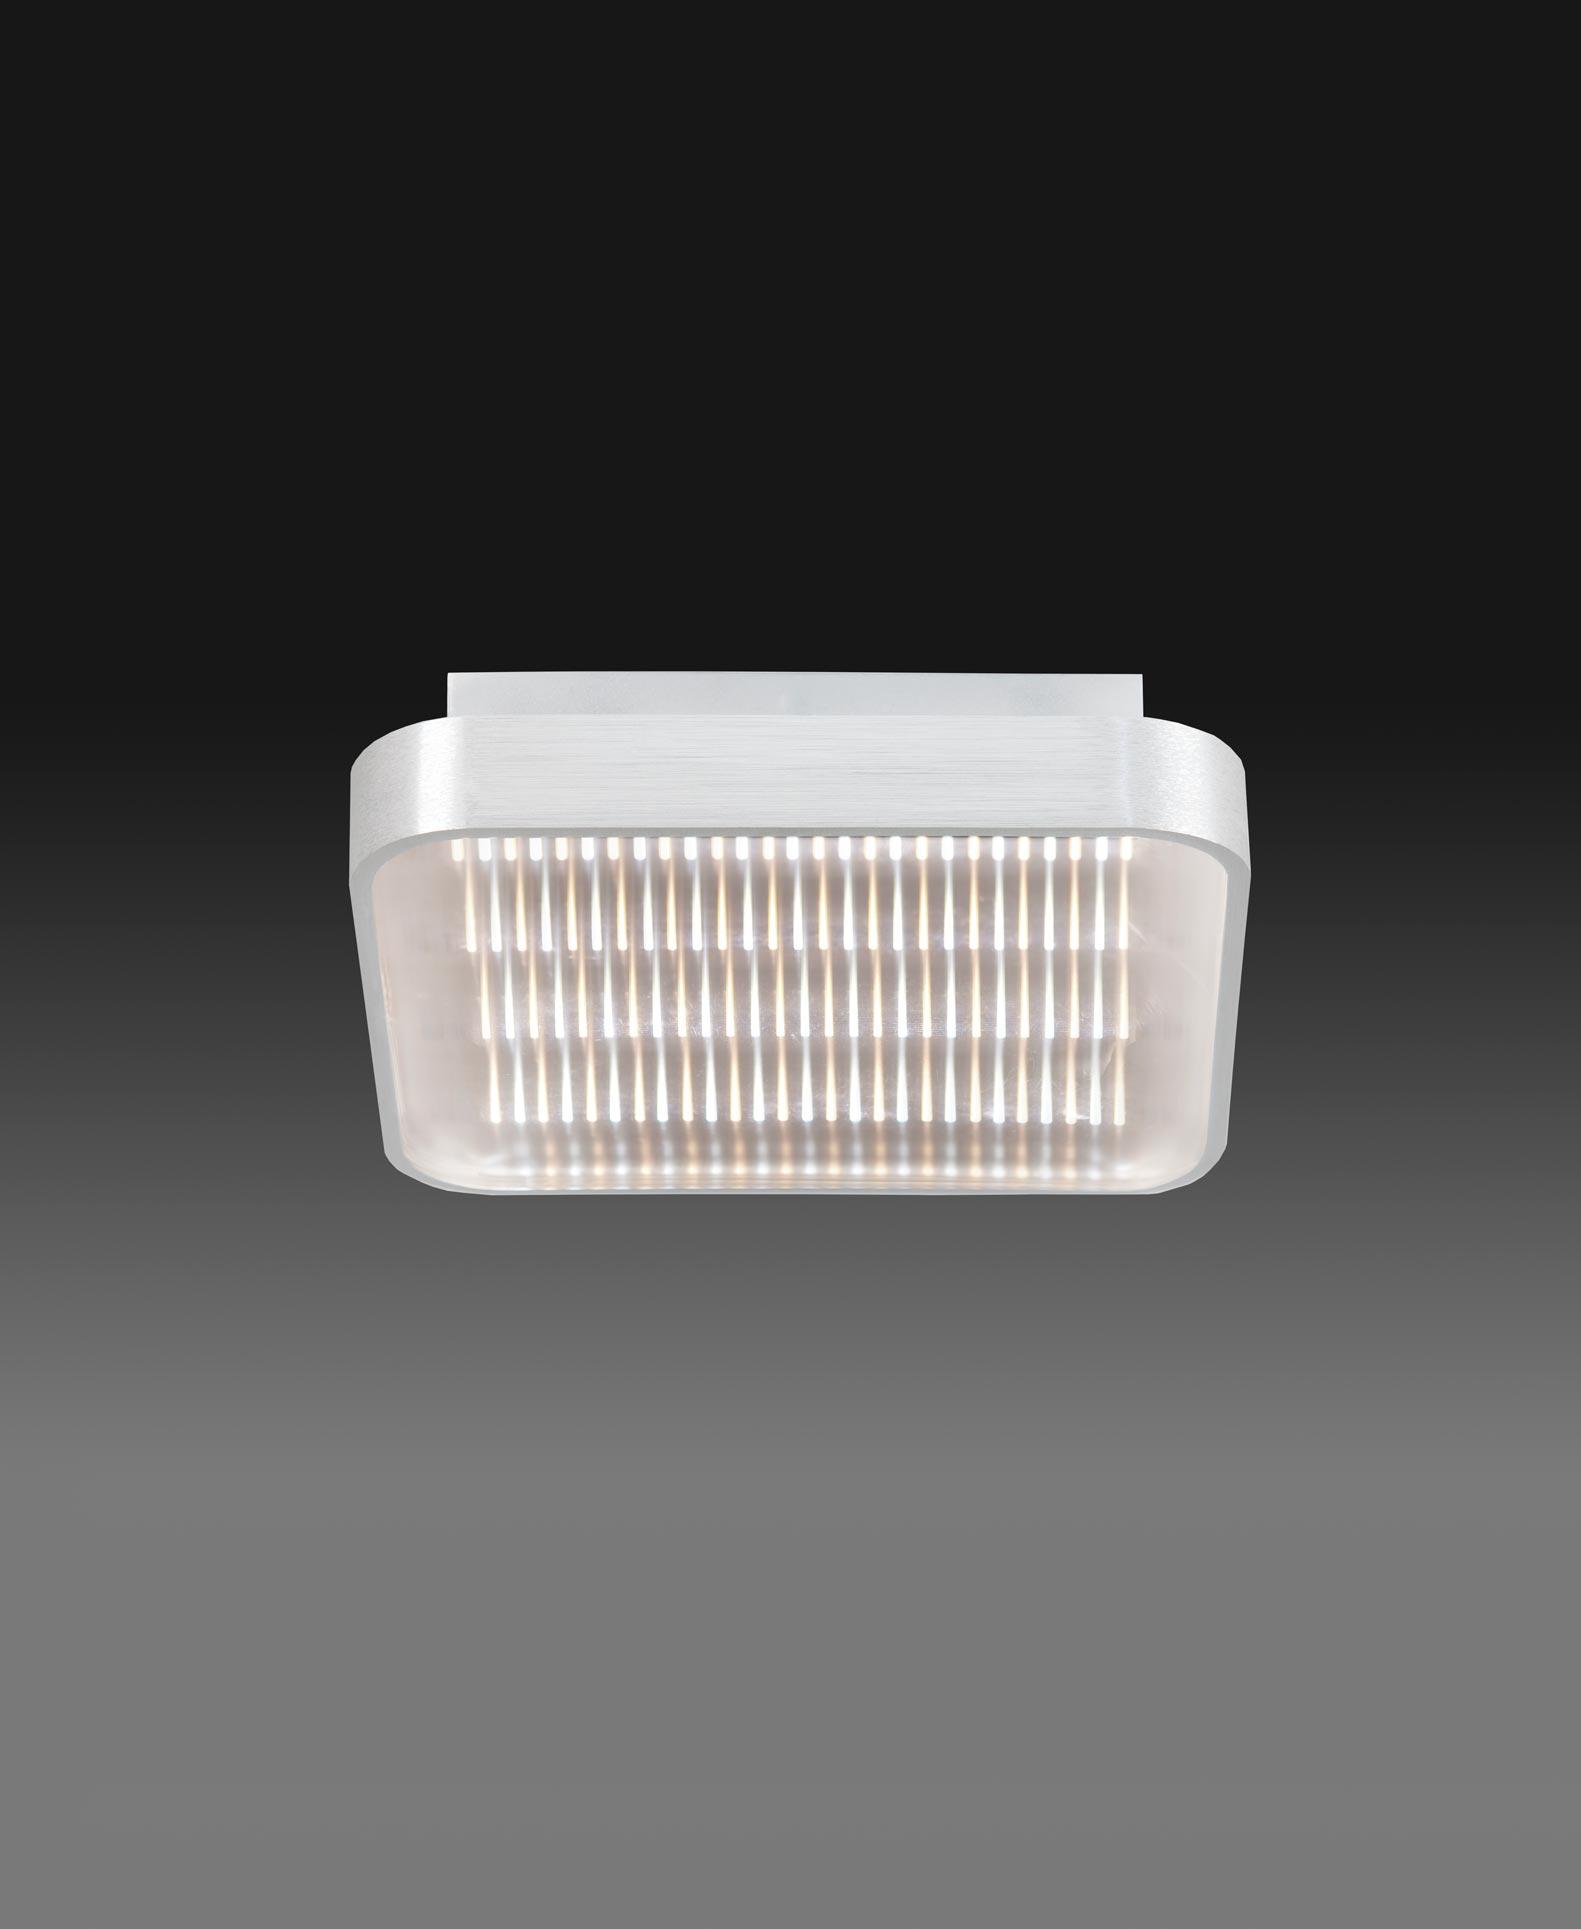 Plafón cuadrado 18W REFLEX LED detalle